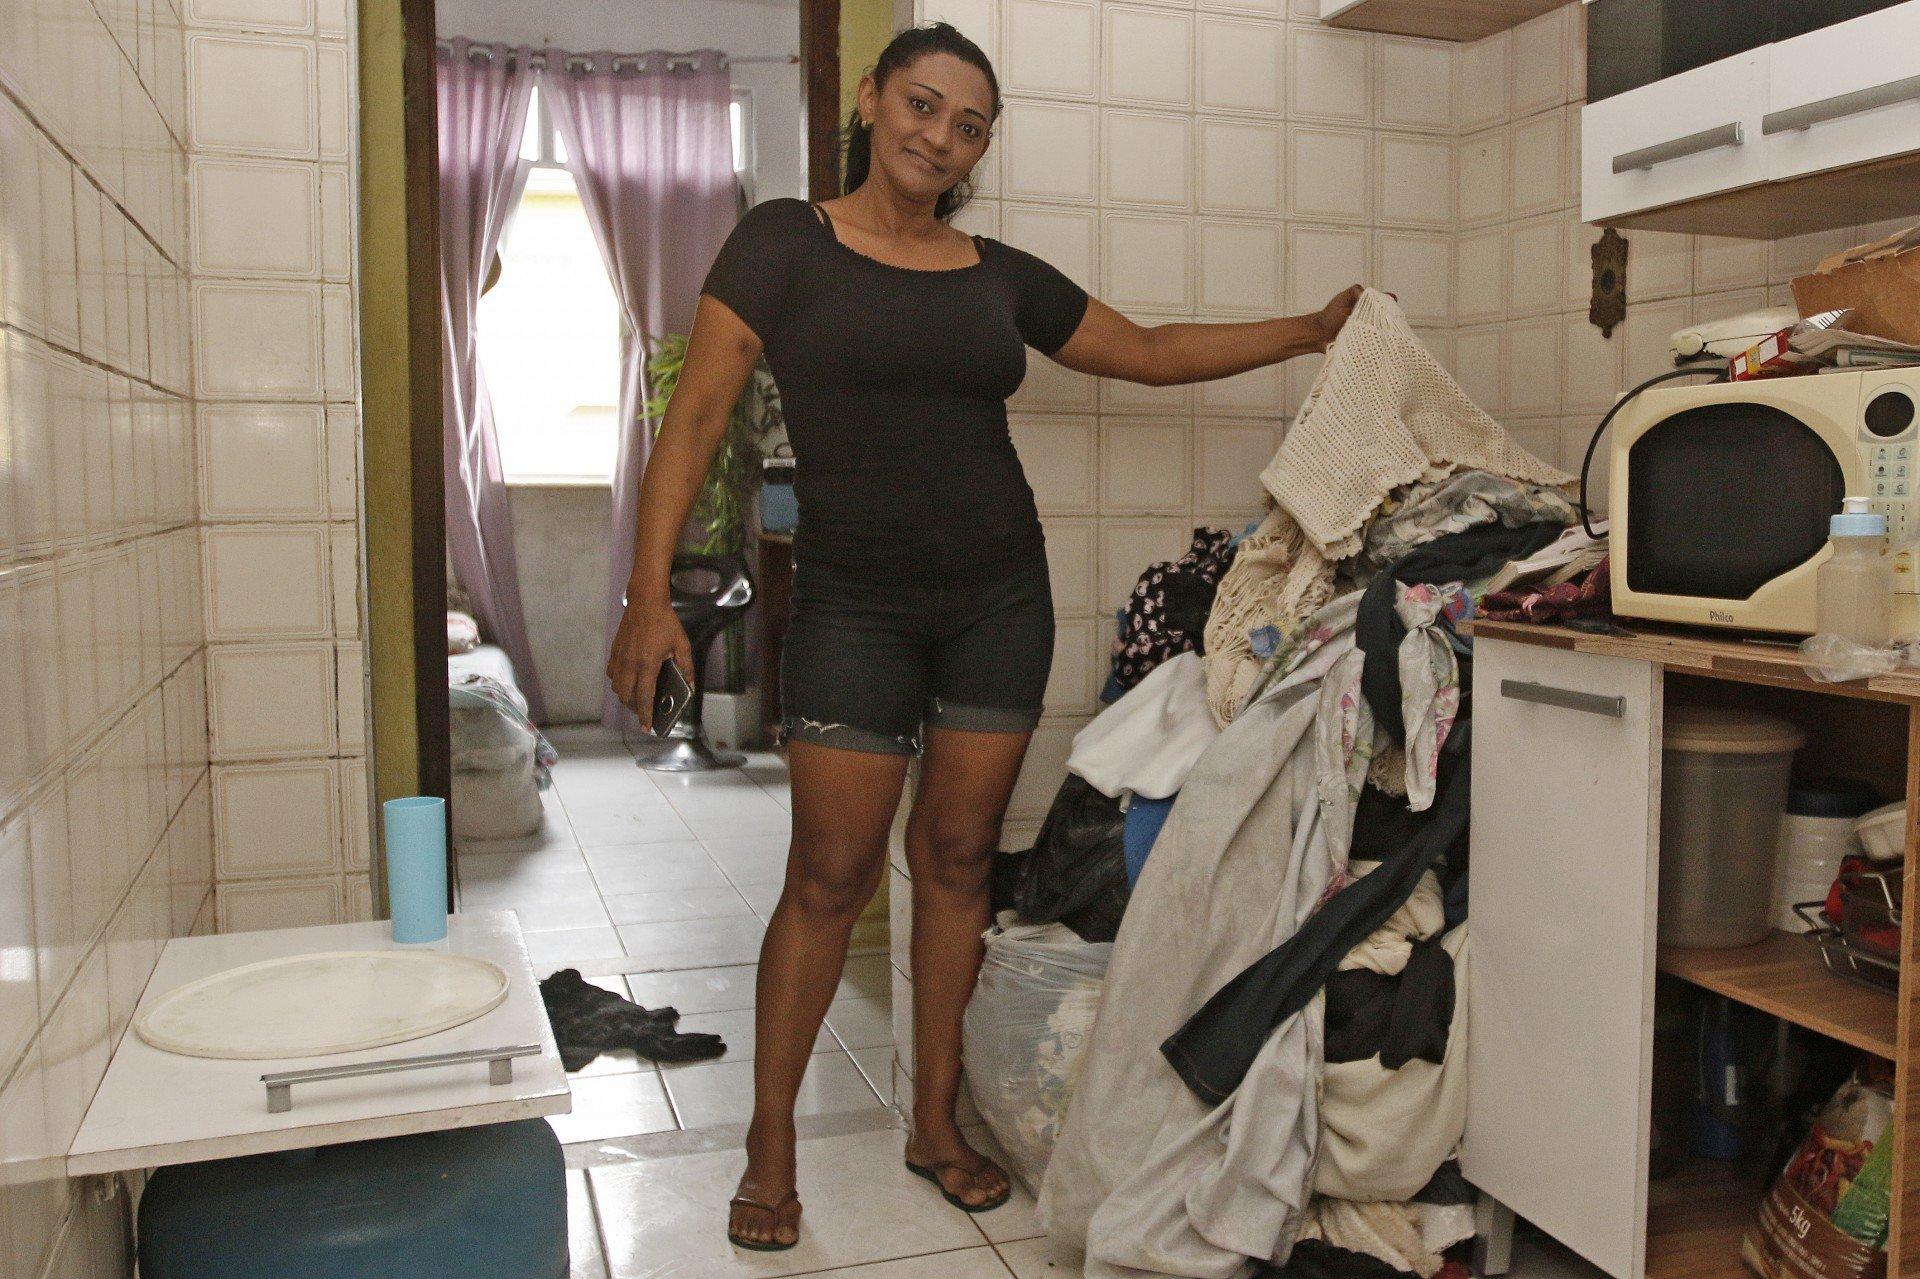 Roupas para lavar devido a falta de água - Reginaldo Pimenta / Agencia O Dia